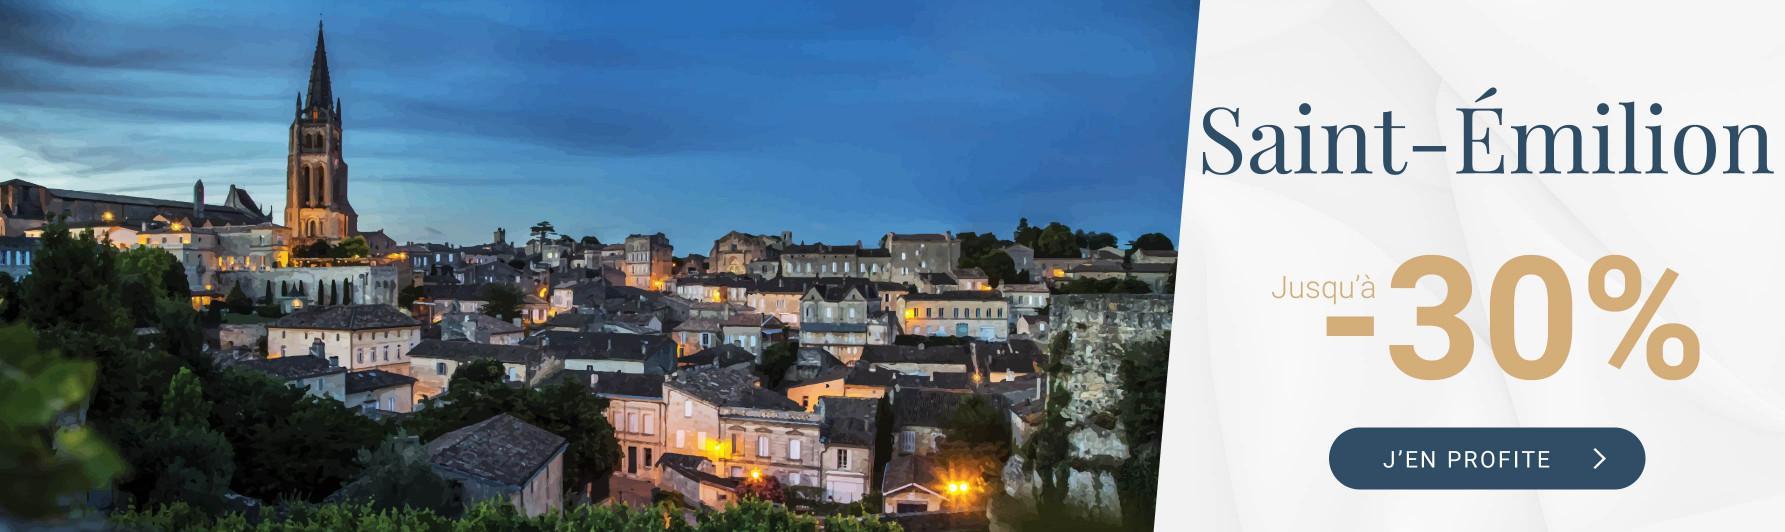 Saint-Émilion jusqu'à -30%